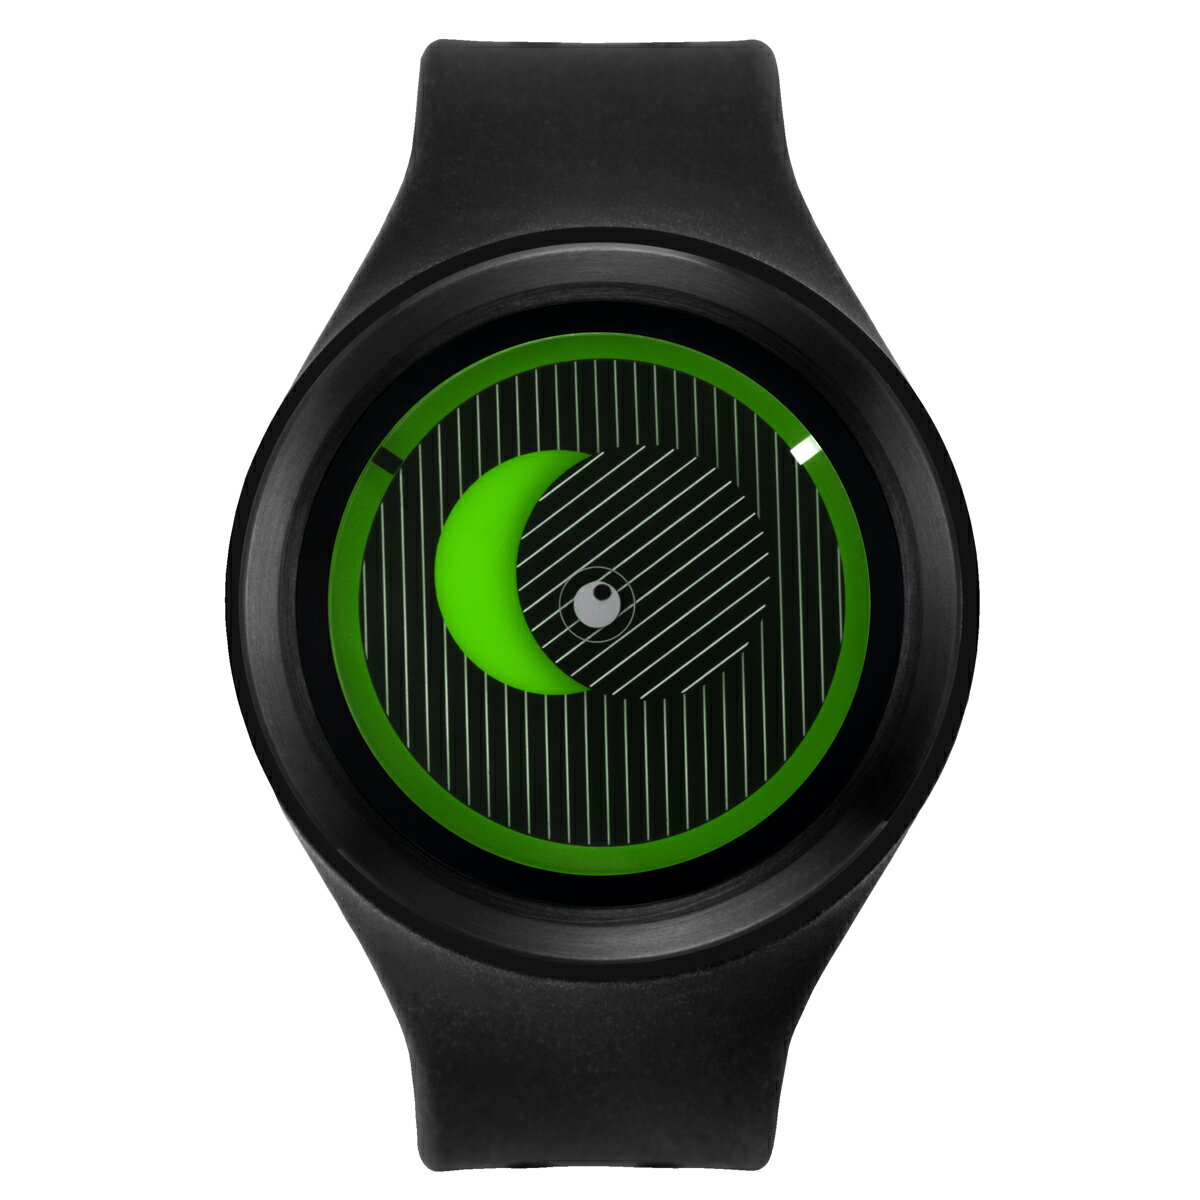 ZEROO SECRET UNIVERSE ゼロ 電池式クォーツ 腕時計 [W00502B03SR02] ブラック デザインウォッチ ペア用 メンズ レディース ユニセックス おしゃれ時計 デザイナーズ